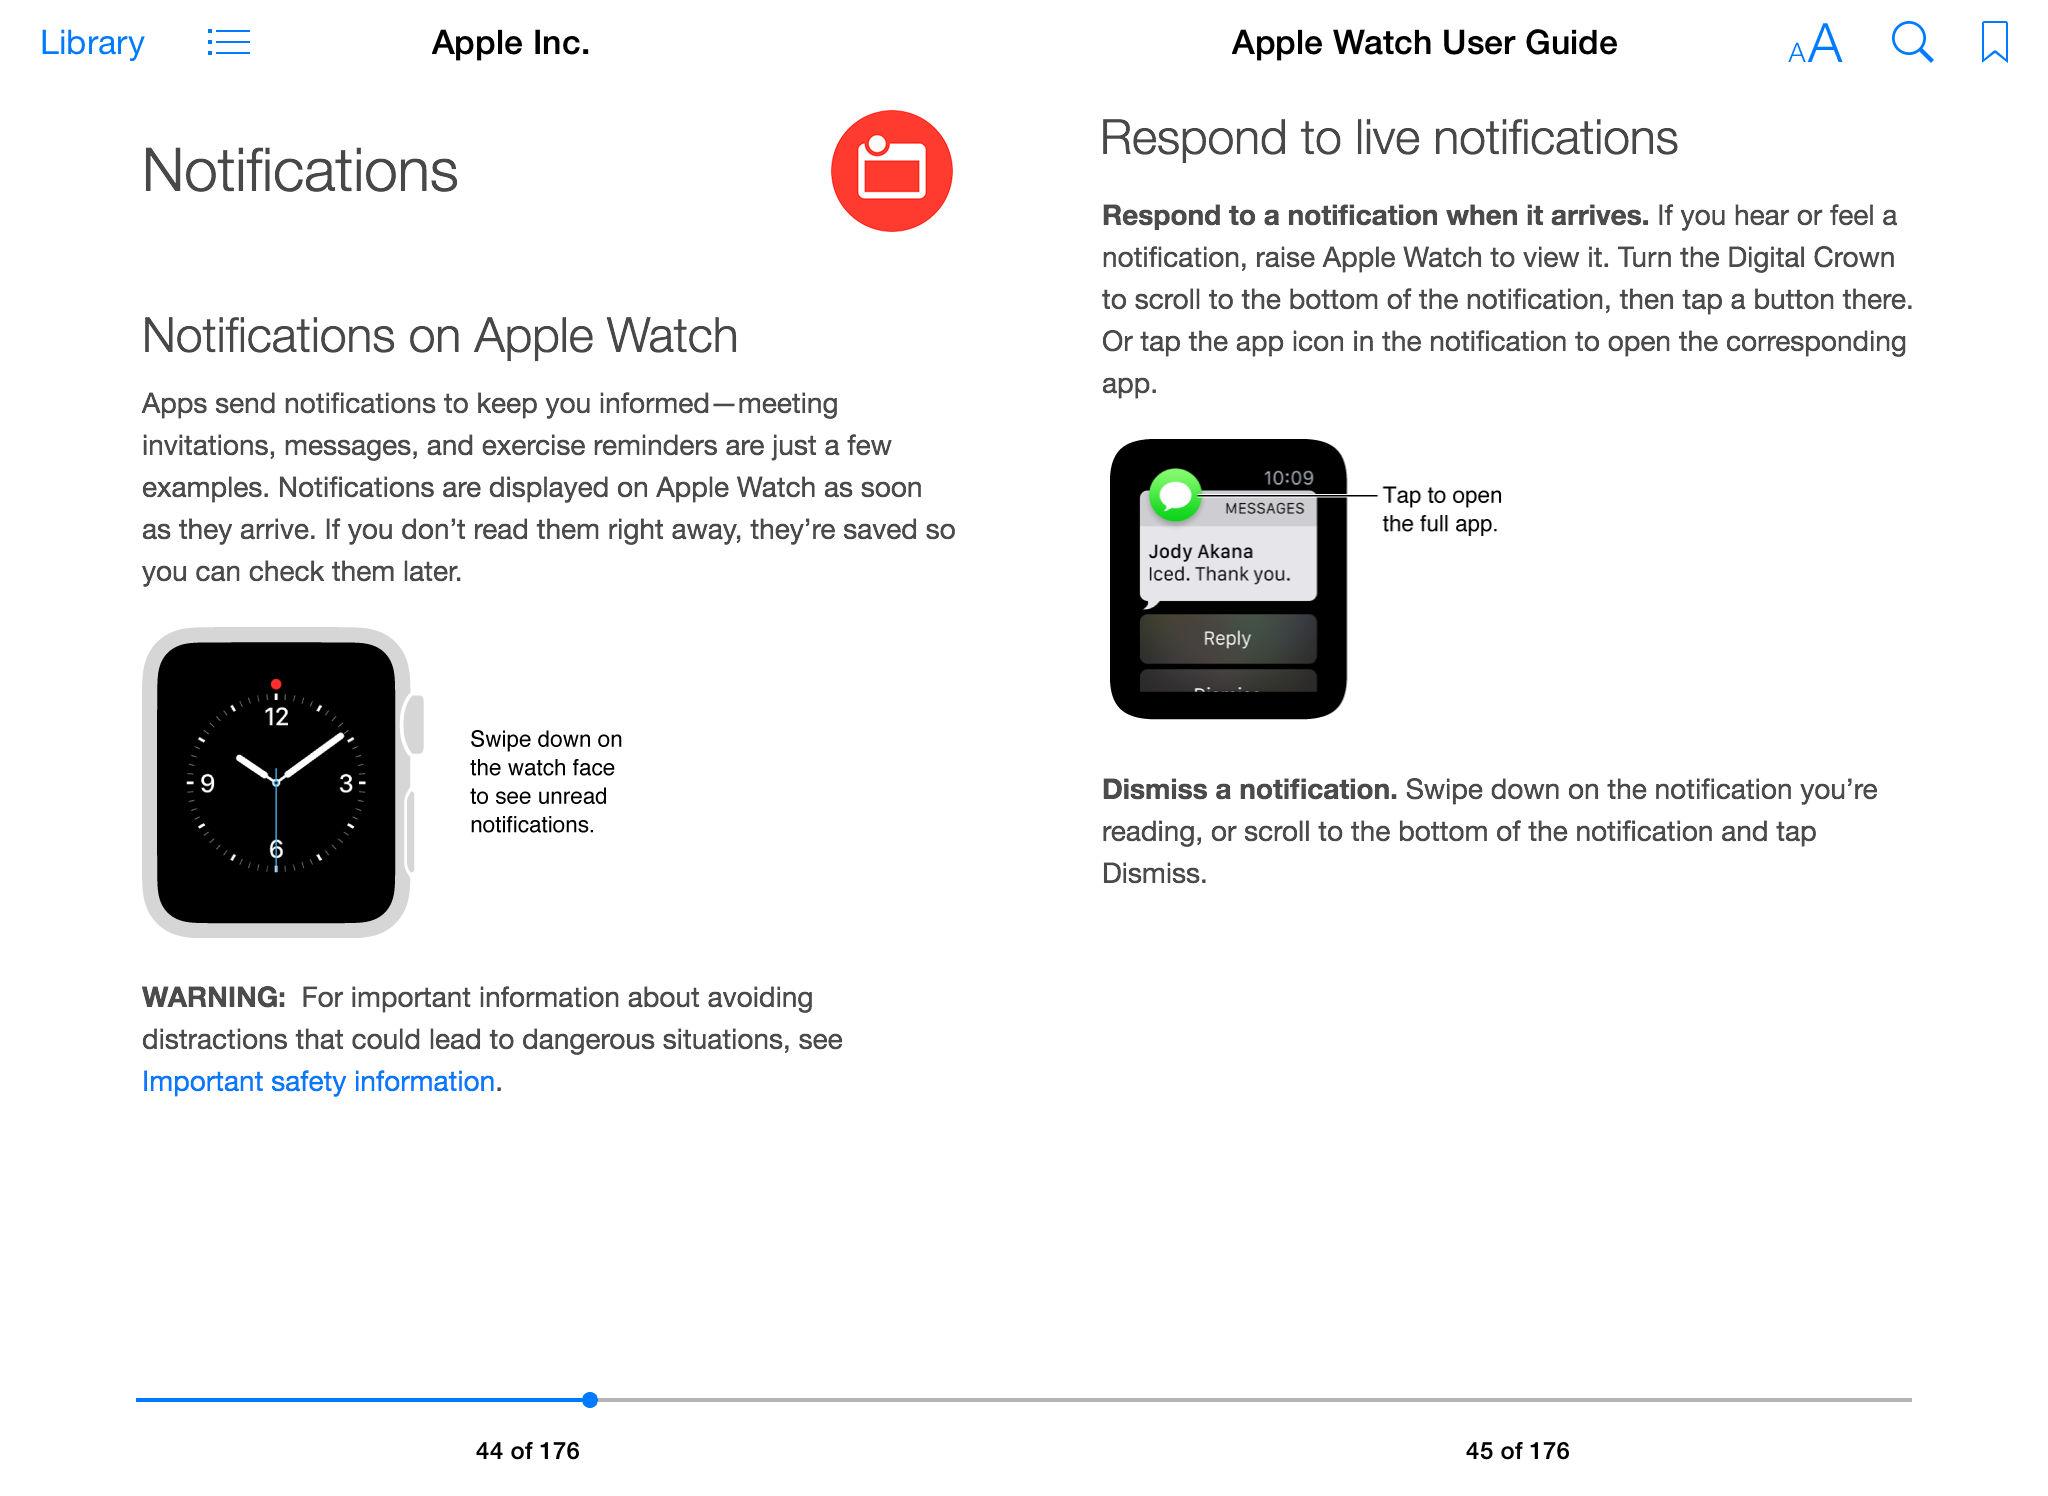 Apple Seguir Guía del usuario iBook pantalla 003